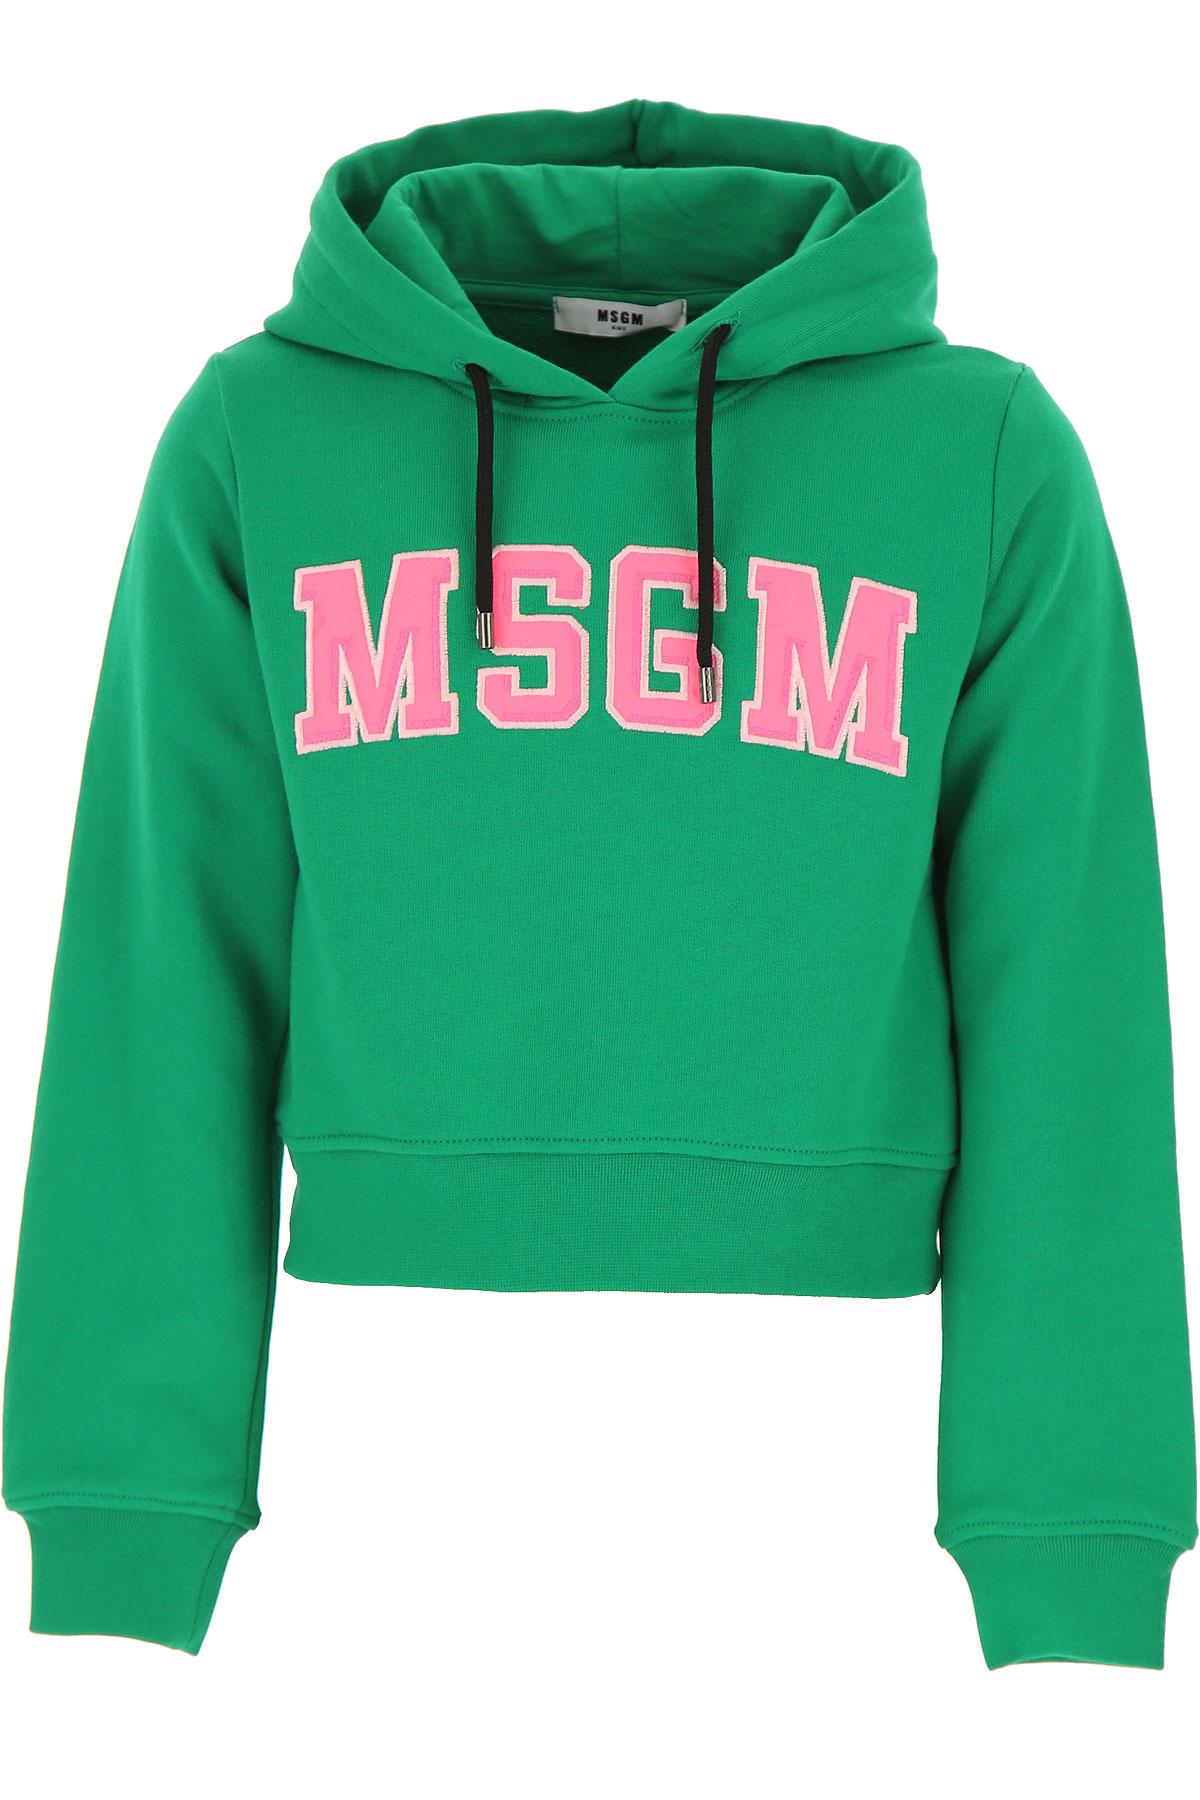 MSGM Kids Sweatshirts & Hoodies for Girls, Green, Cotton, 2017, 10Y 14Y 8Y